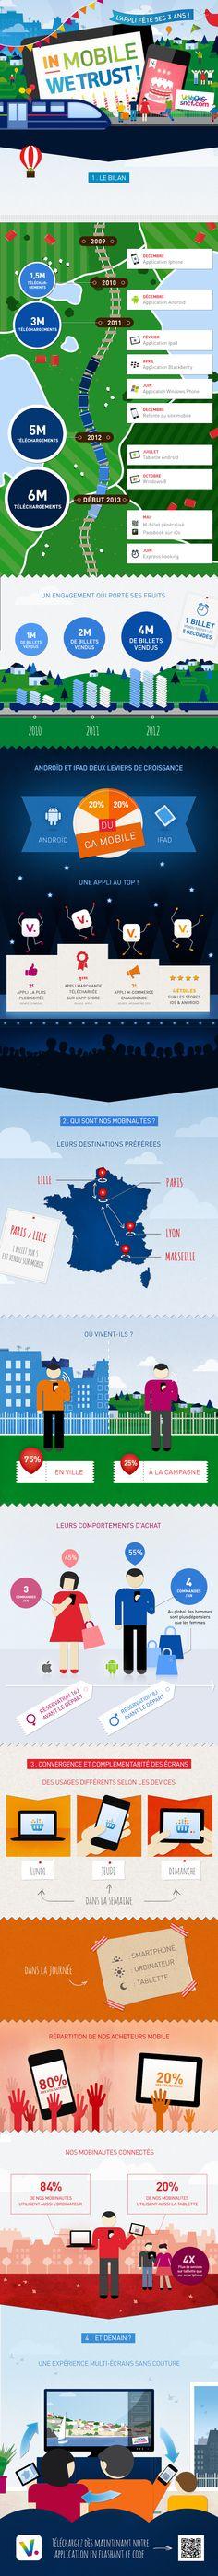 L'appli mobile V. de Voyages-sncf.com fête ses 3 ans !